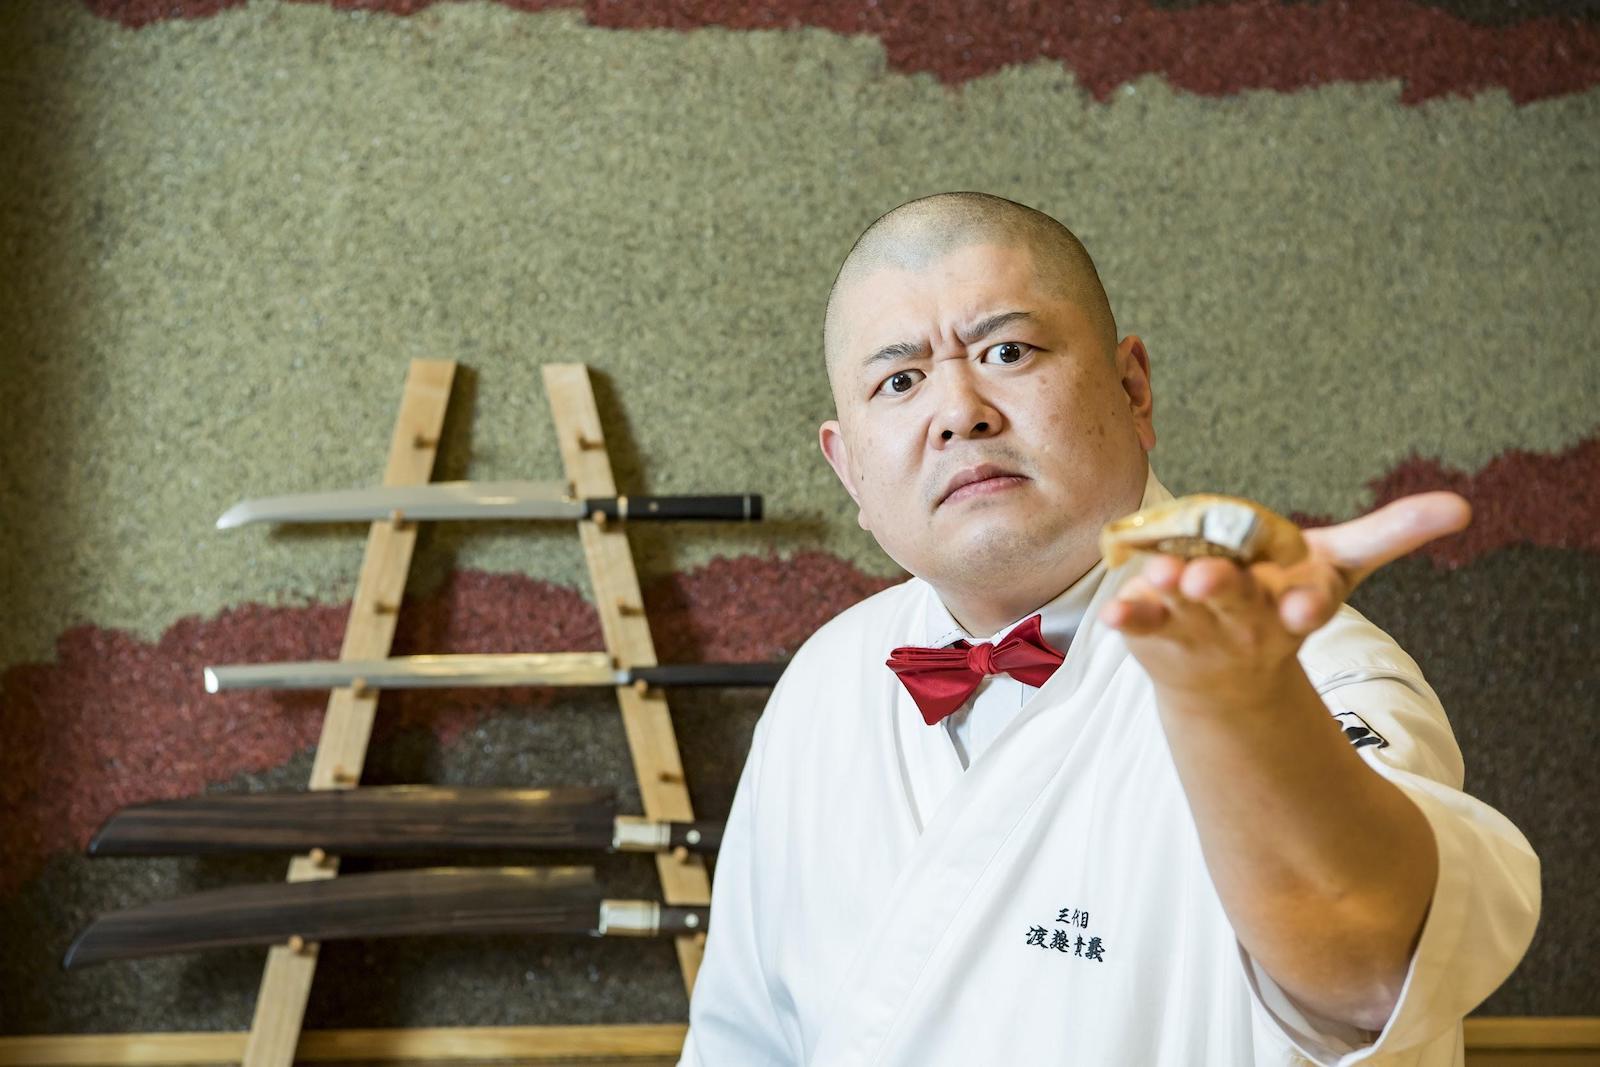 「北九州で、世界と戦う」インスタフォロワー2.8万人! 新時代のすし屋の魅せ方